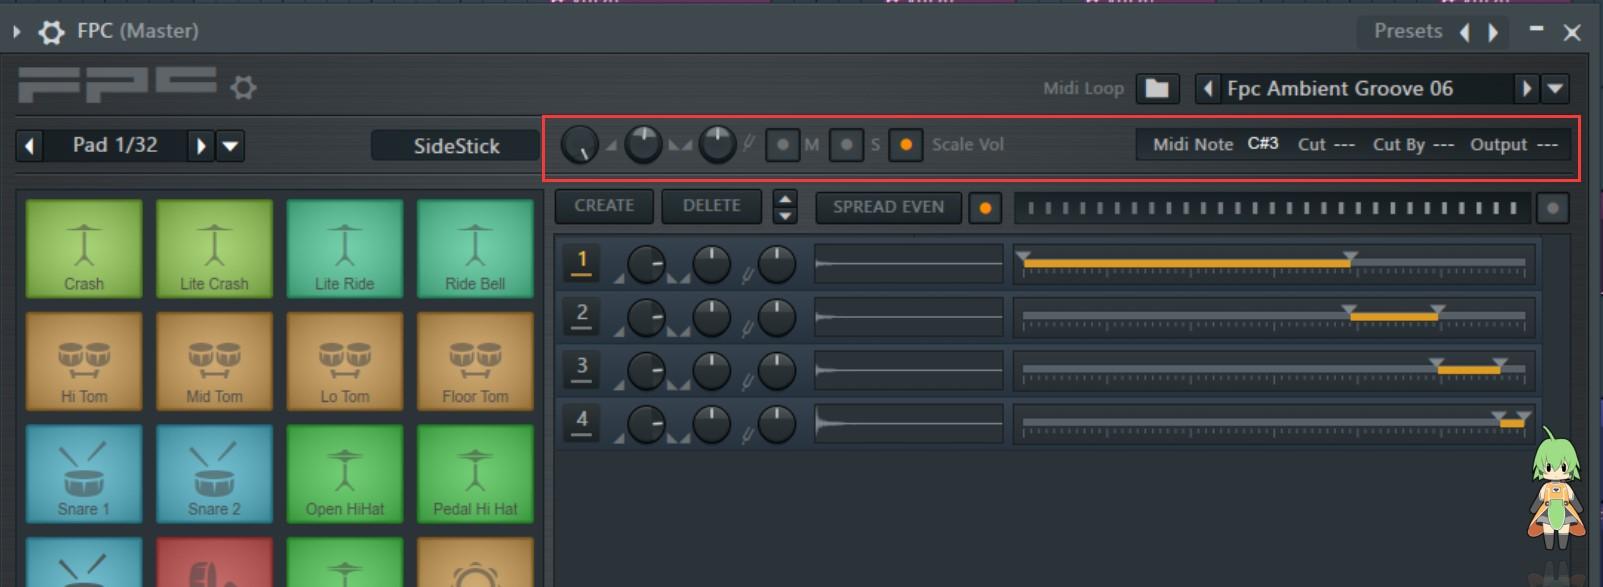 FL Studio FPC鼓机工具栏